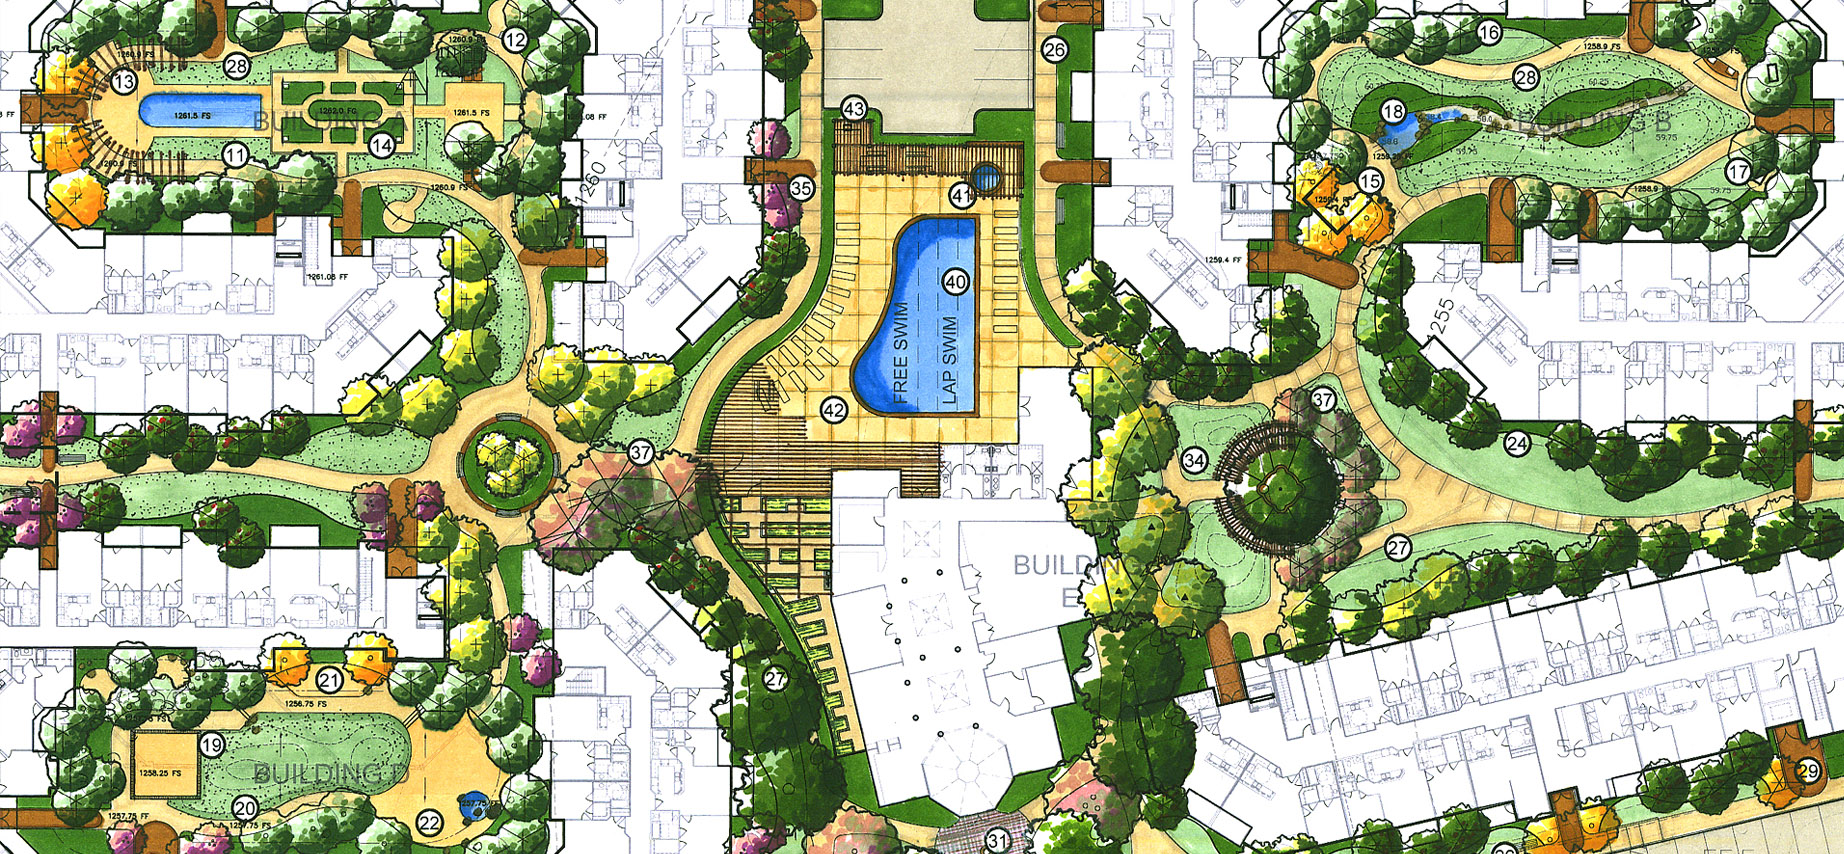 tsa-lb-project image-05.jpg